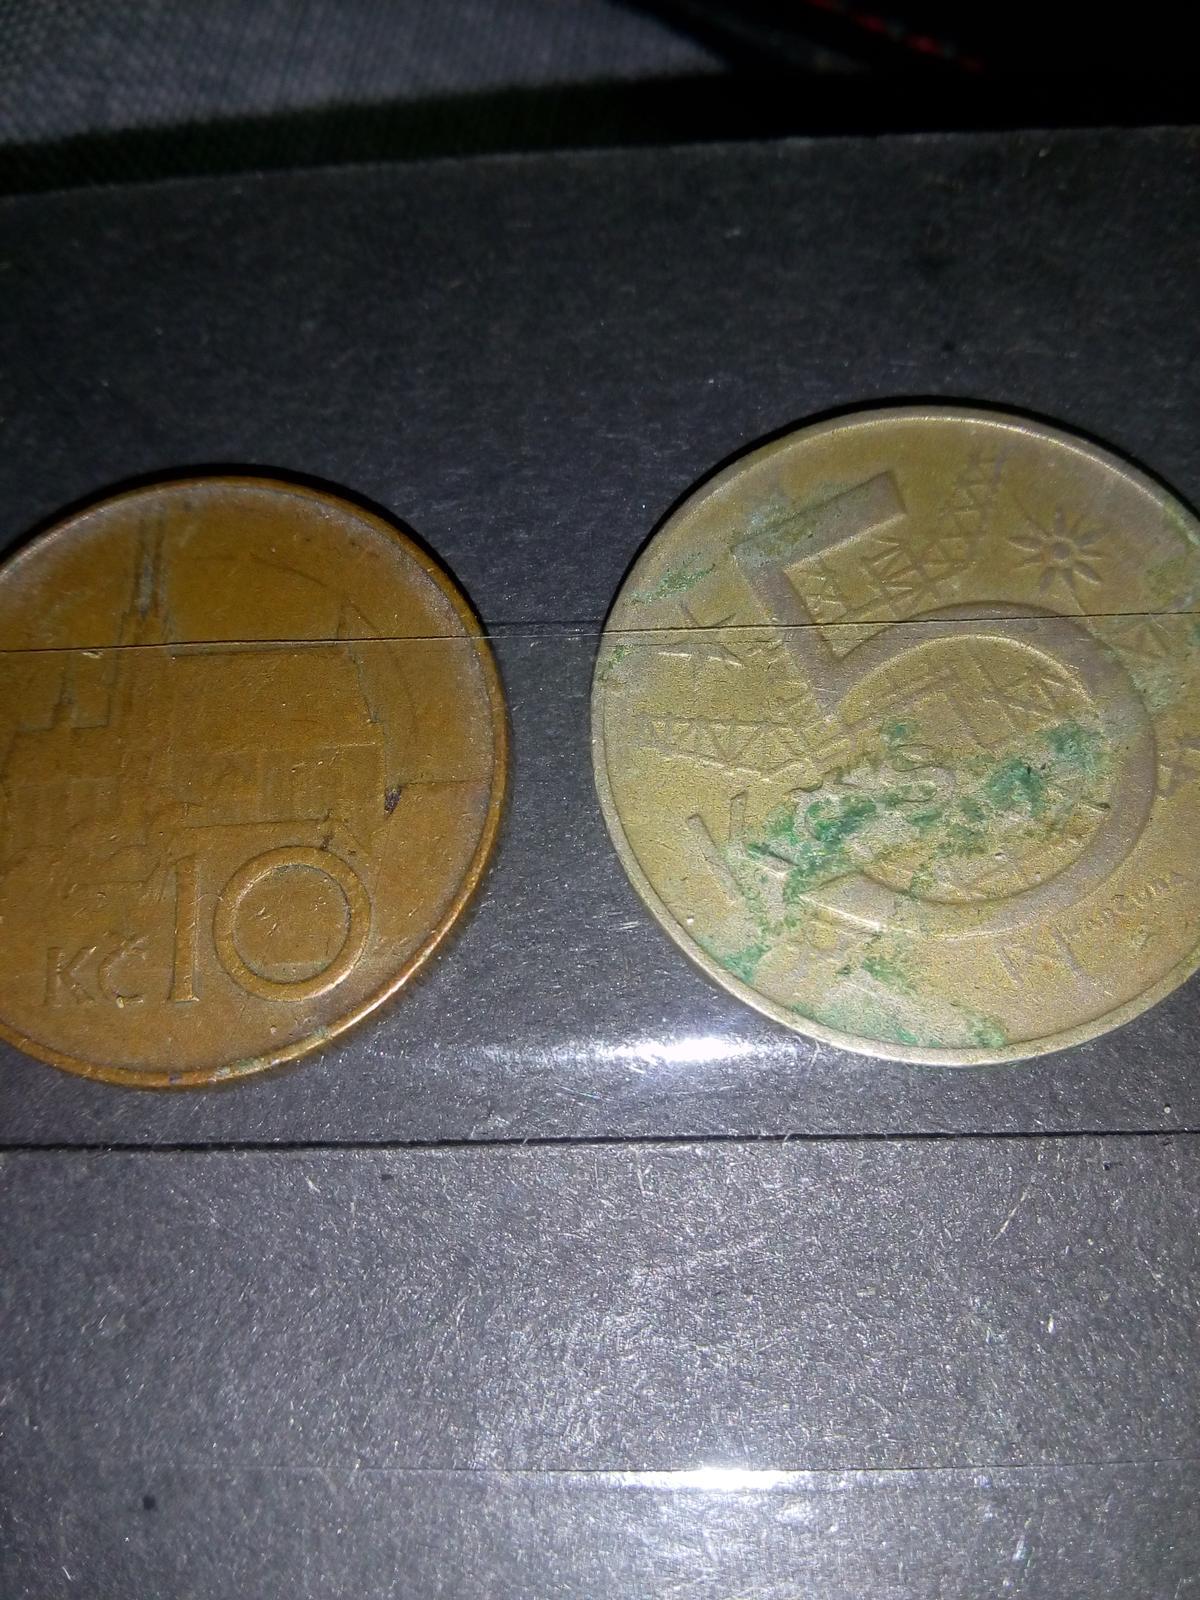 zberateľské mince - Obrázok č. 1